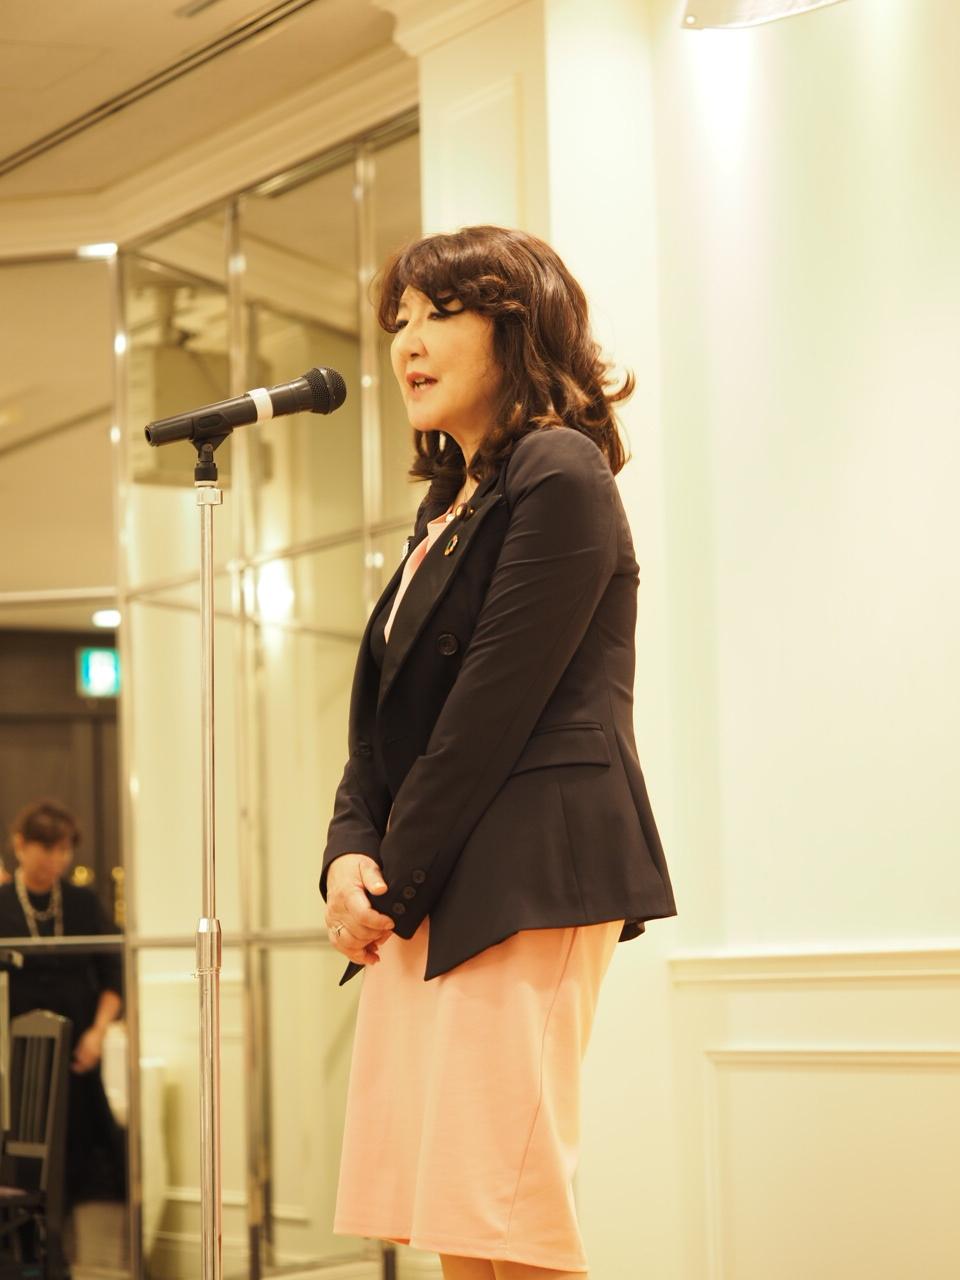 39周年★日本脱毛技術研究学会の総会と勉強会に行ってきました _f0135940_23312427.jpg